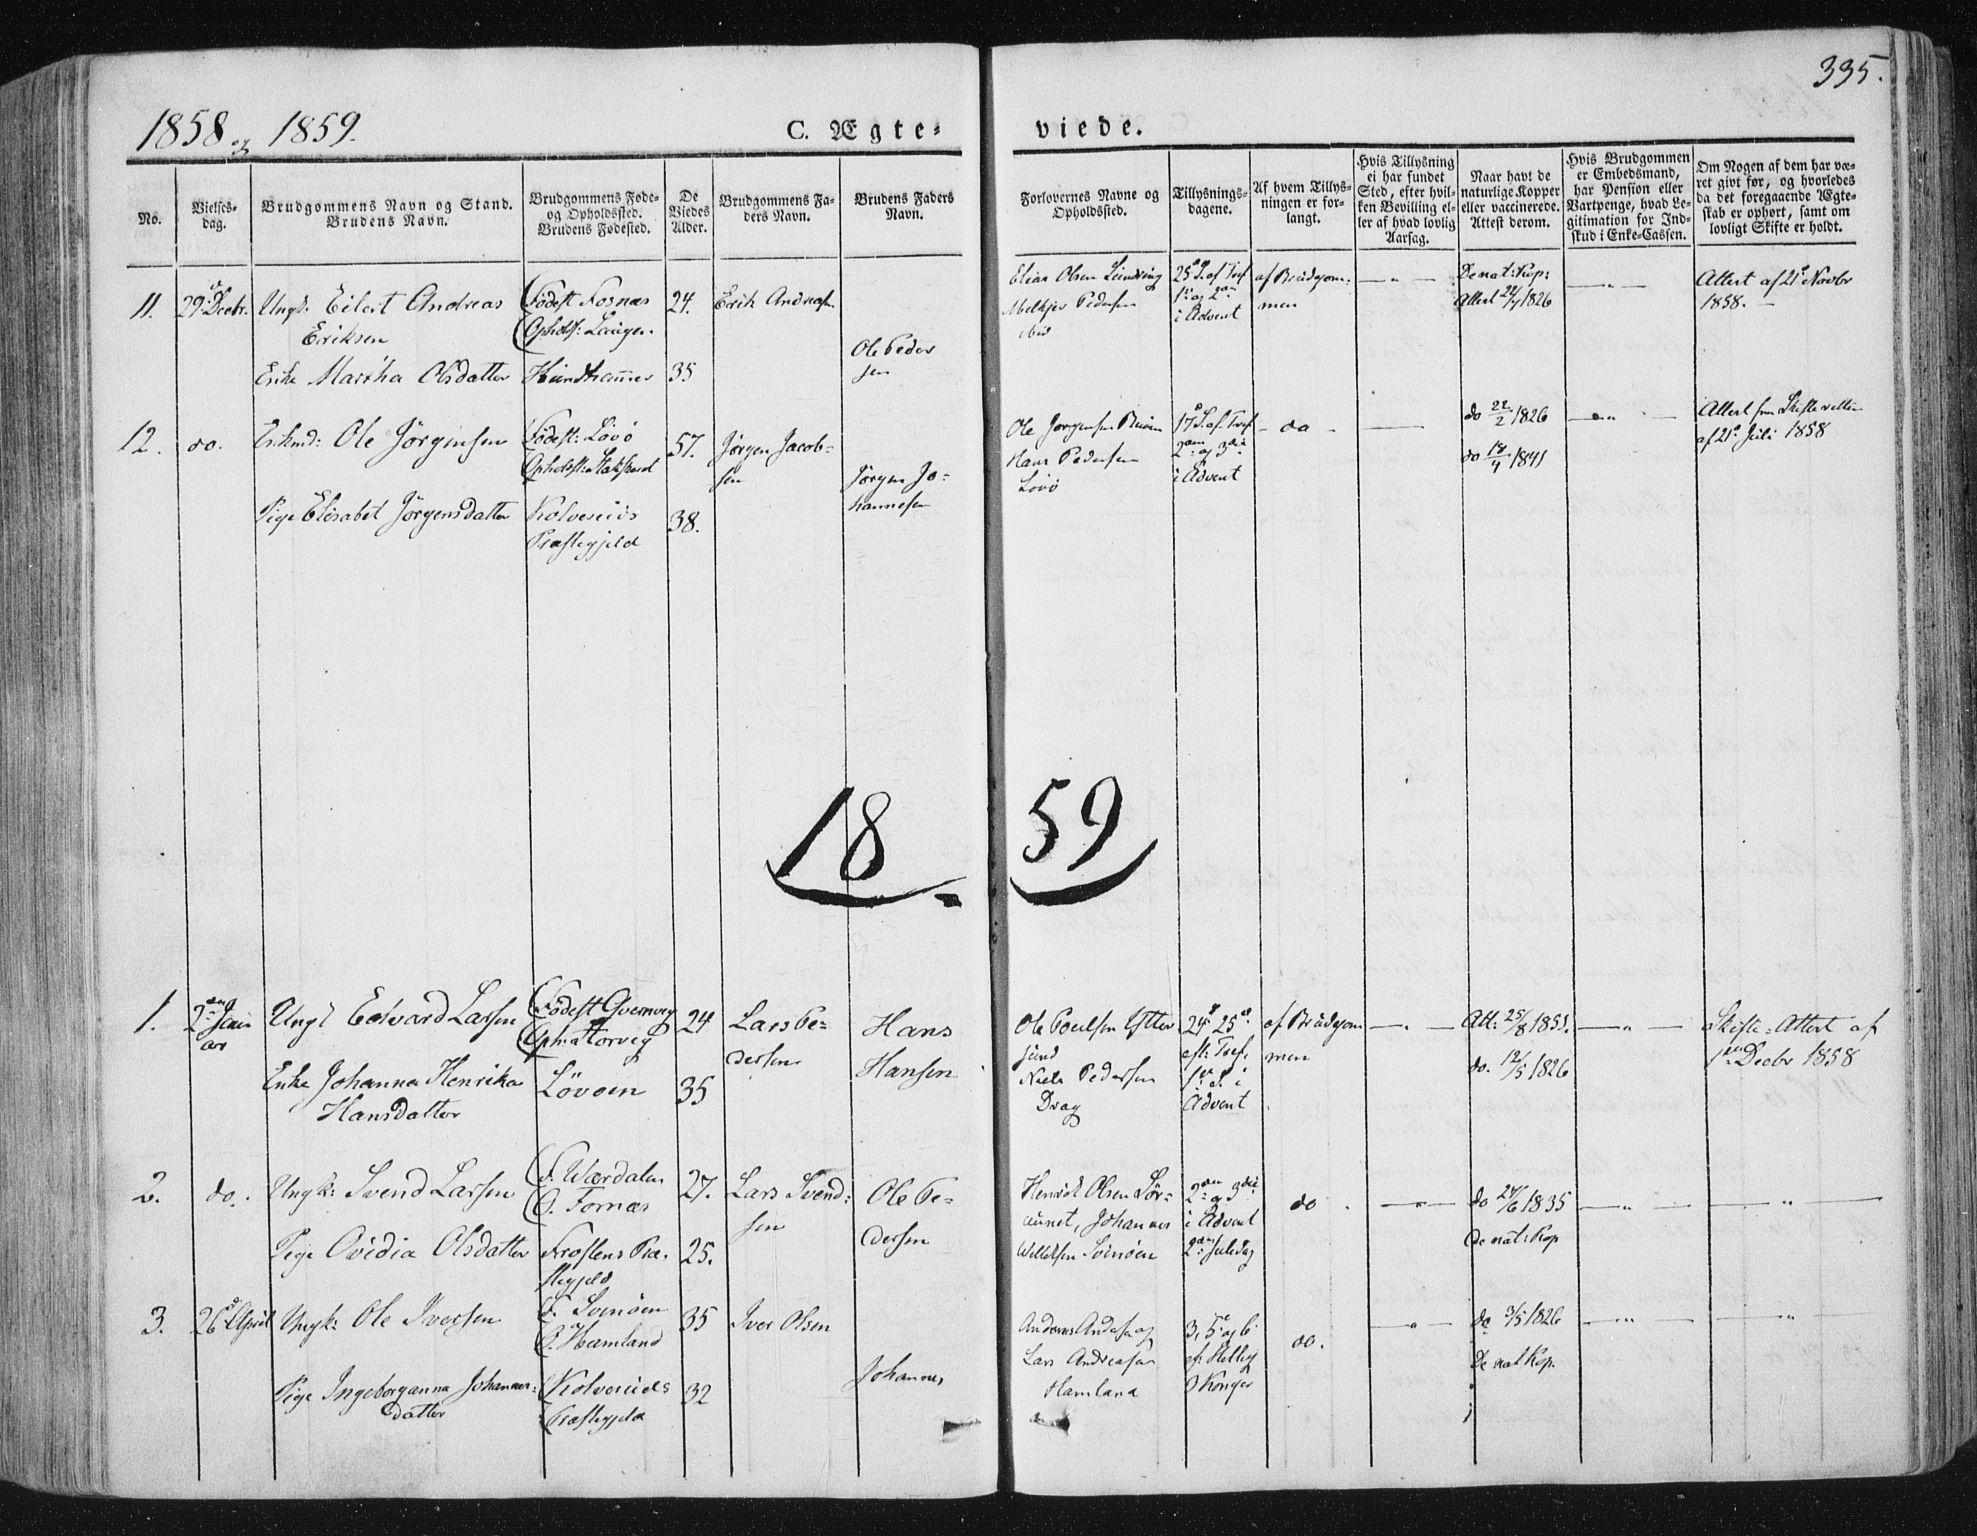 SAT, Ministerialprotokoller, klokkerbøker og fødselsregistre - Nord-Trøndelag, 784/L0669: Ministerialbok nr. 784A04, 1829-1859, s. 335